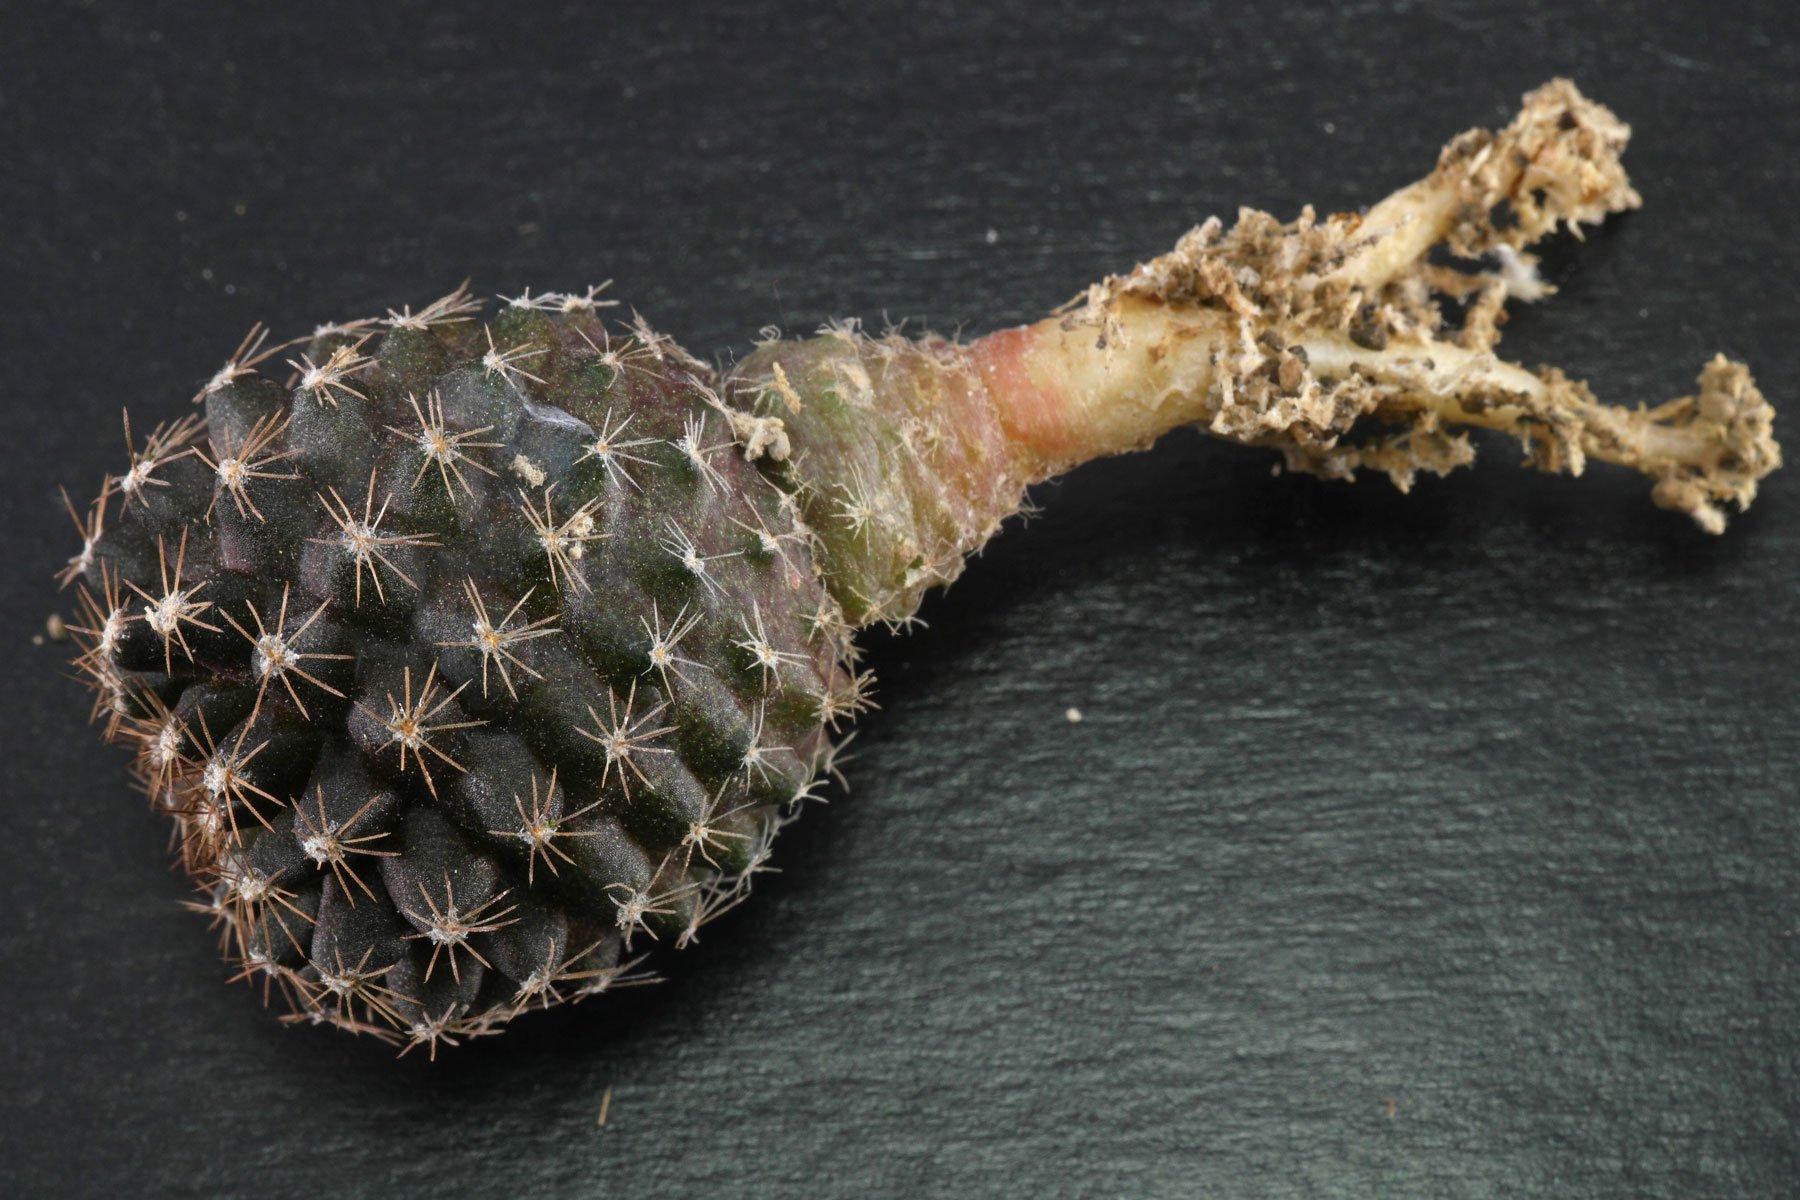 Copiapoa humilis subsp. tenuissima